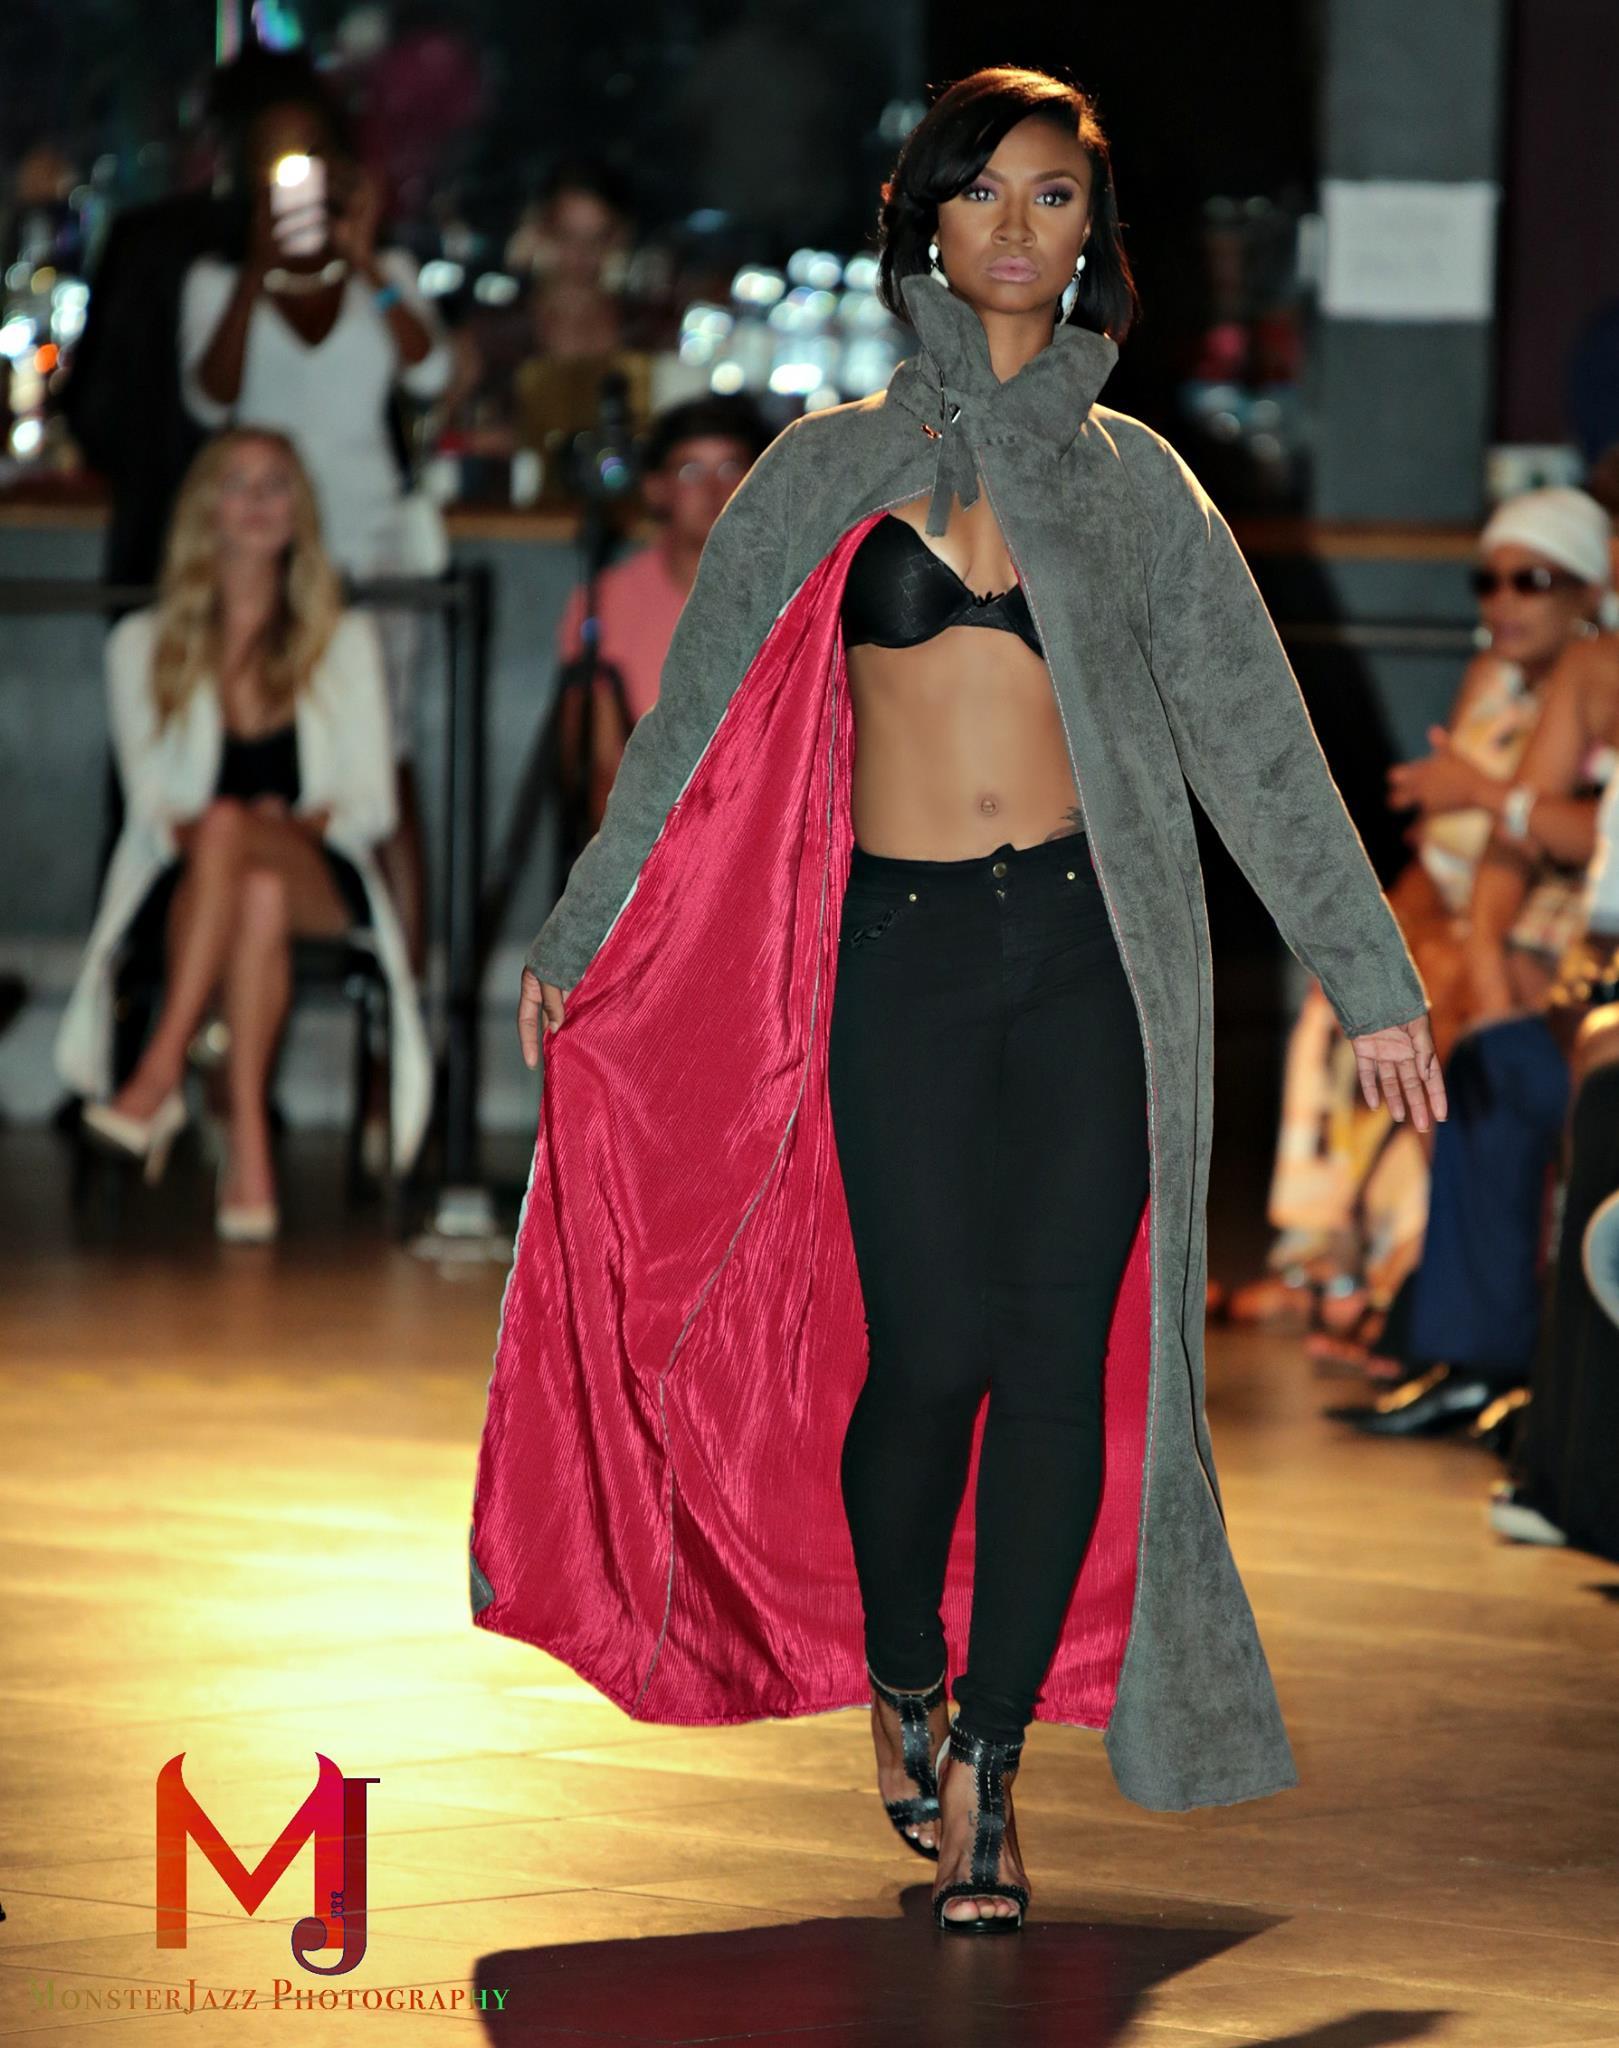 Janaby Fashion Show: Model Jaideco